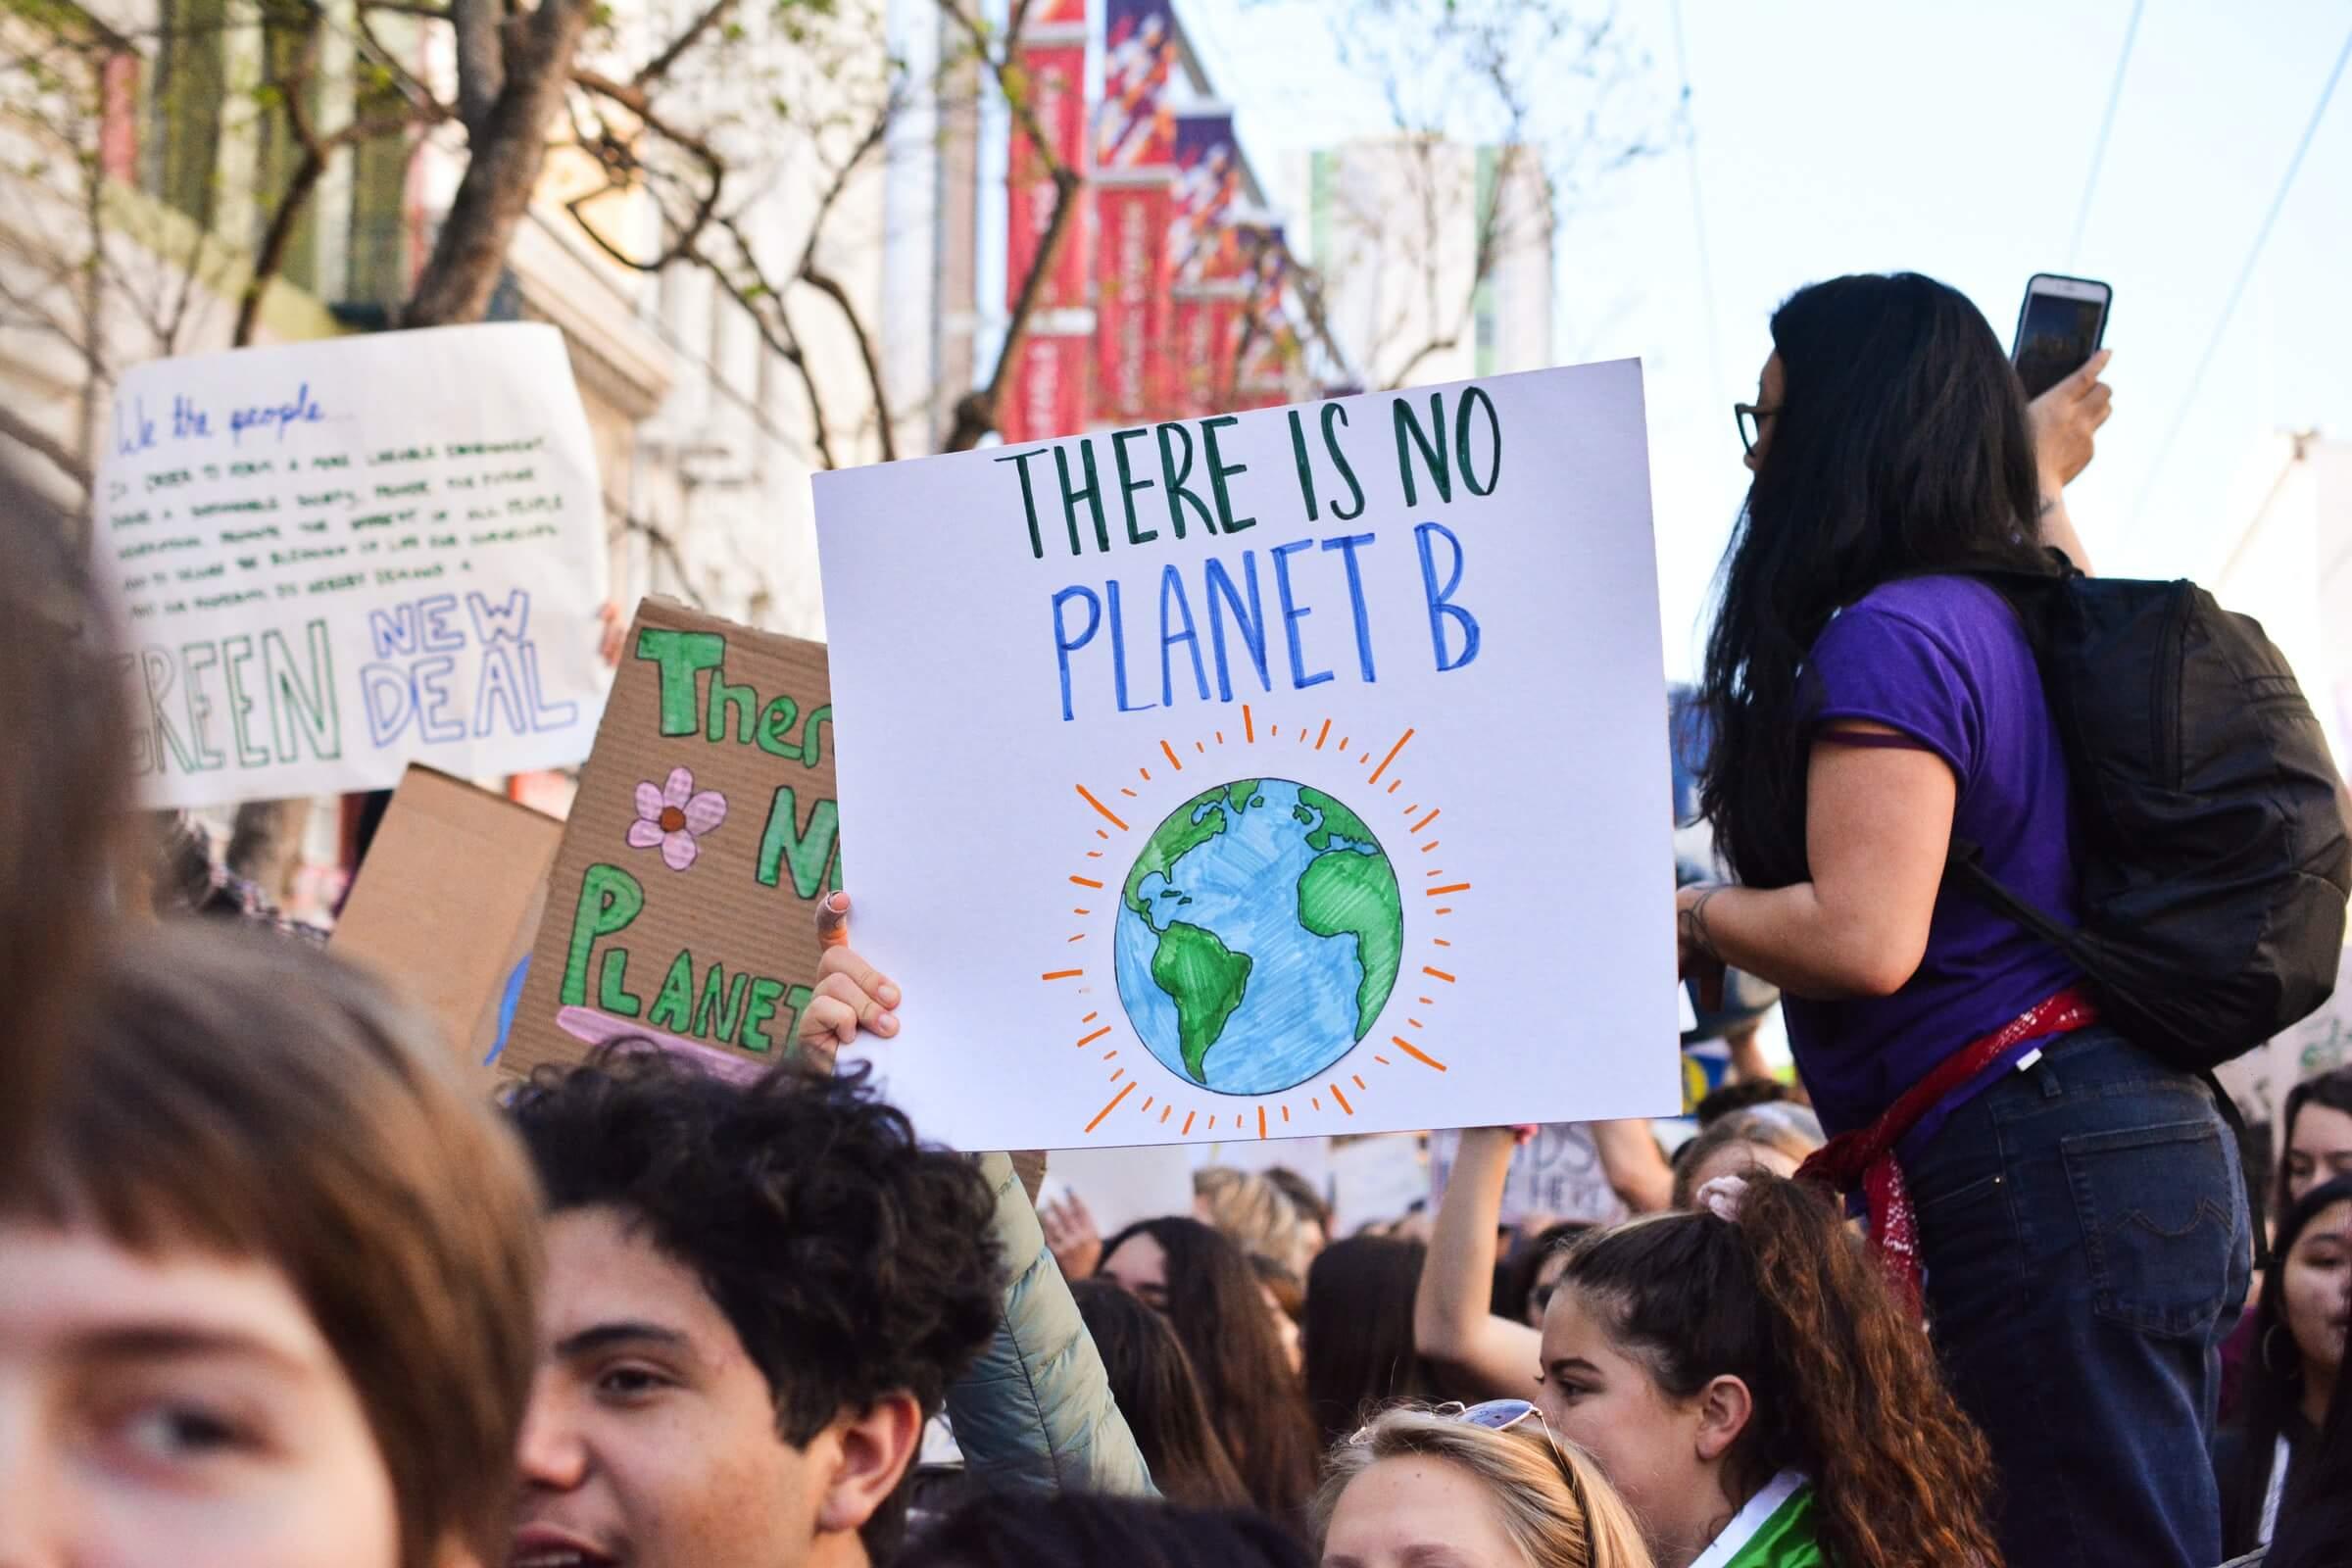 Wir müssen das Klima schützen, um unsere Erde zu erhalten.